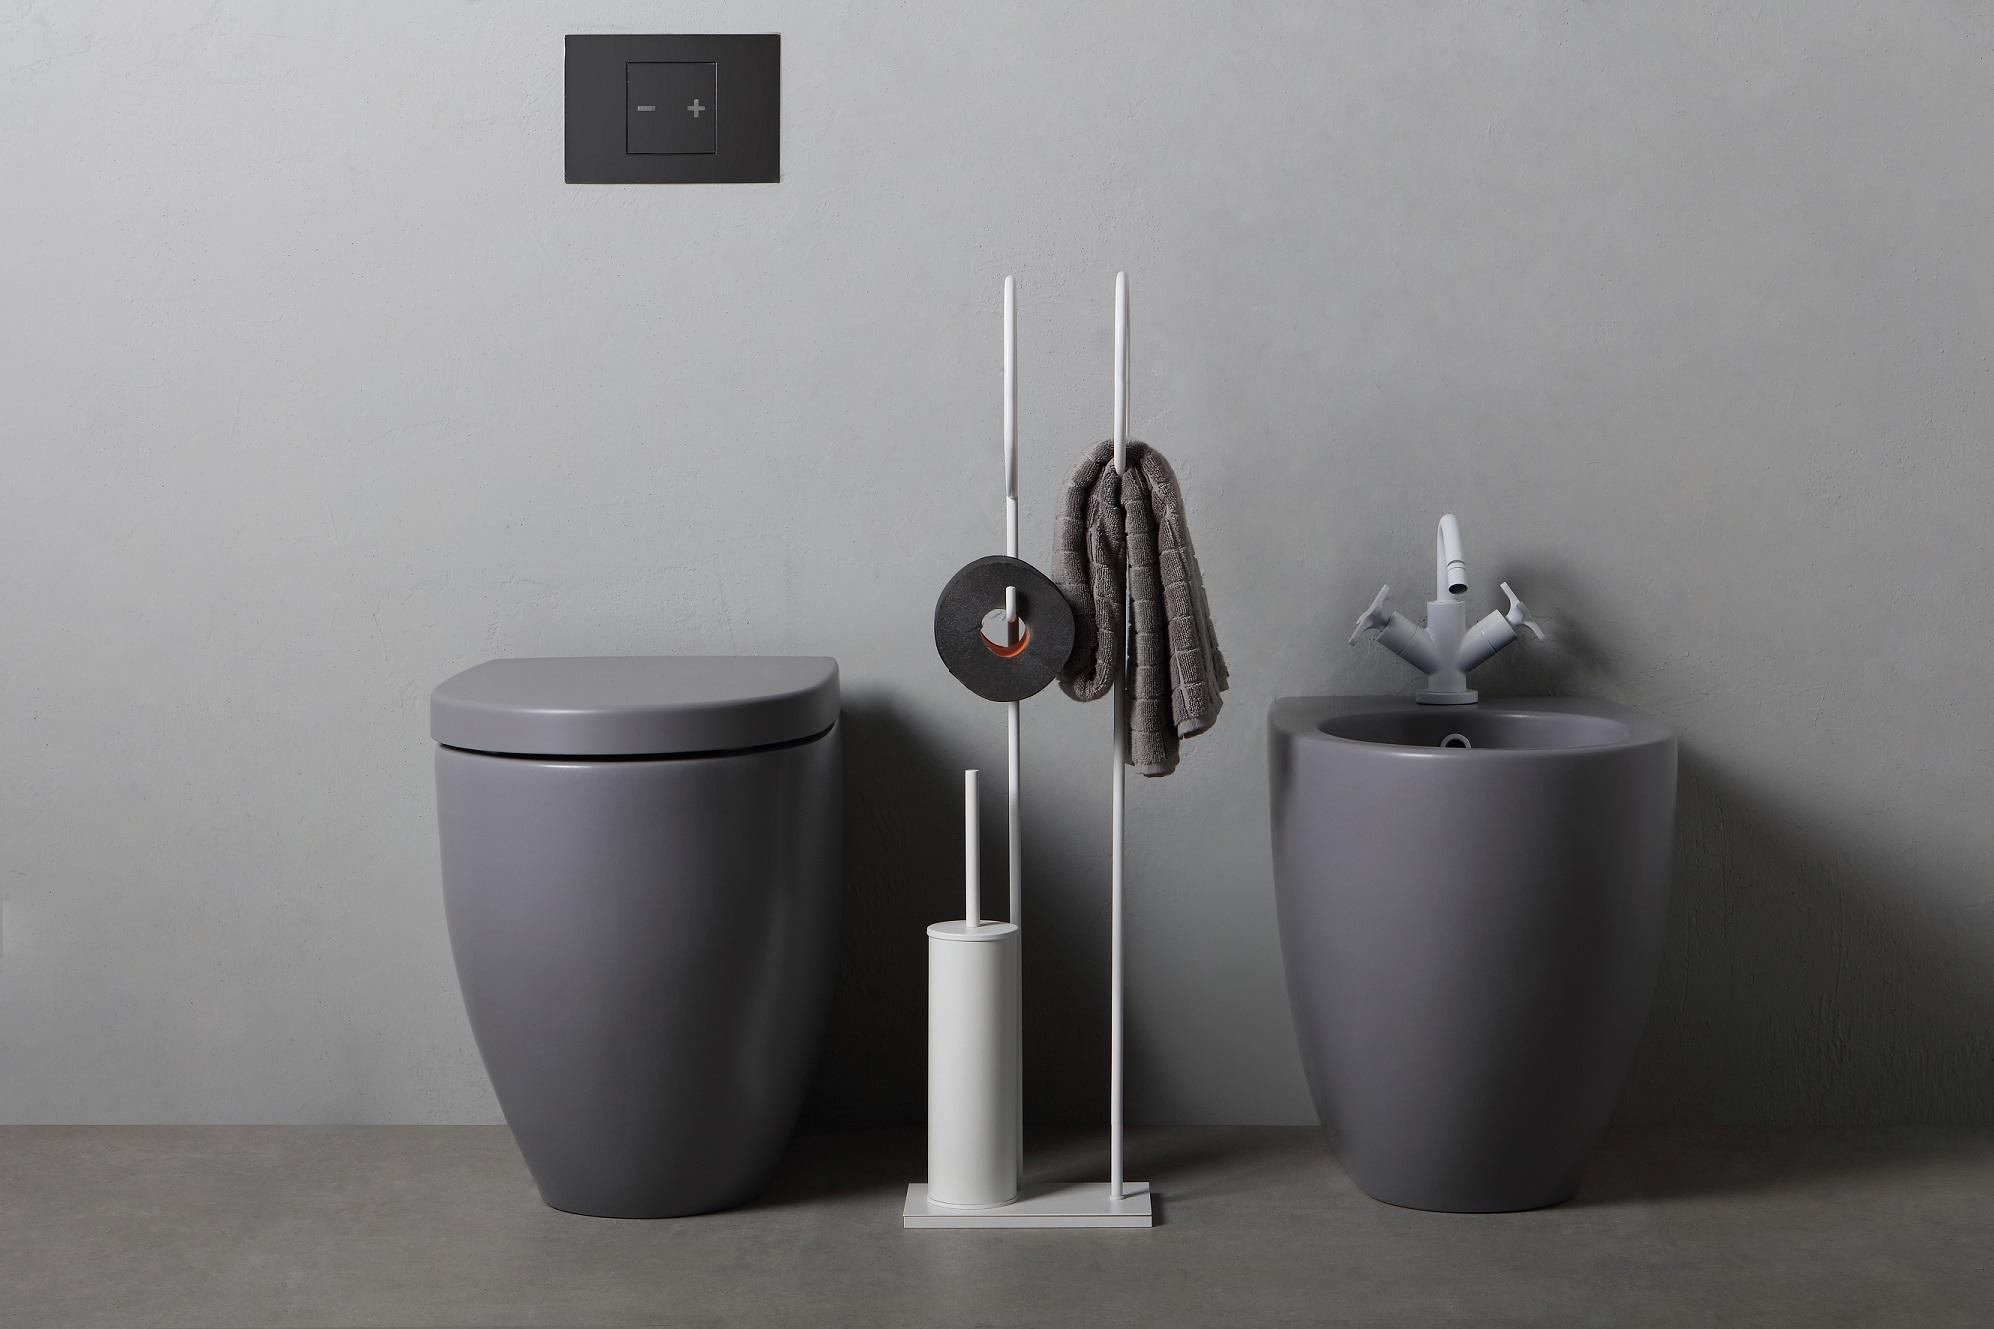 Mobili Bagno Freestanding : Moon di bertocci arredo bagno ispirato alla luna bagno italiano